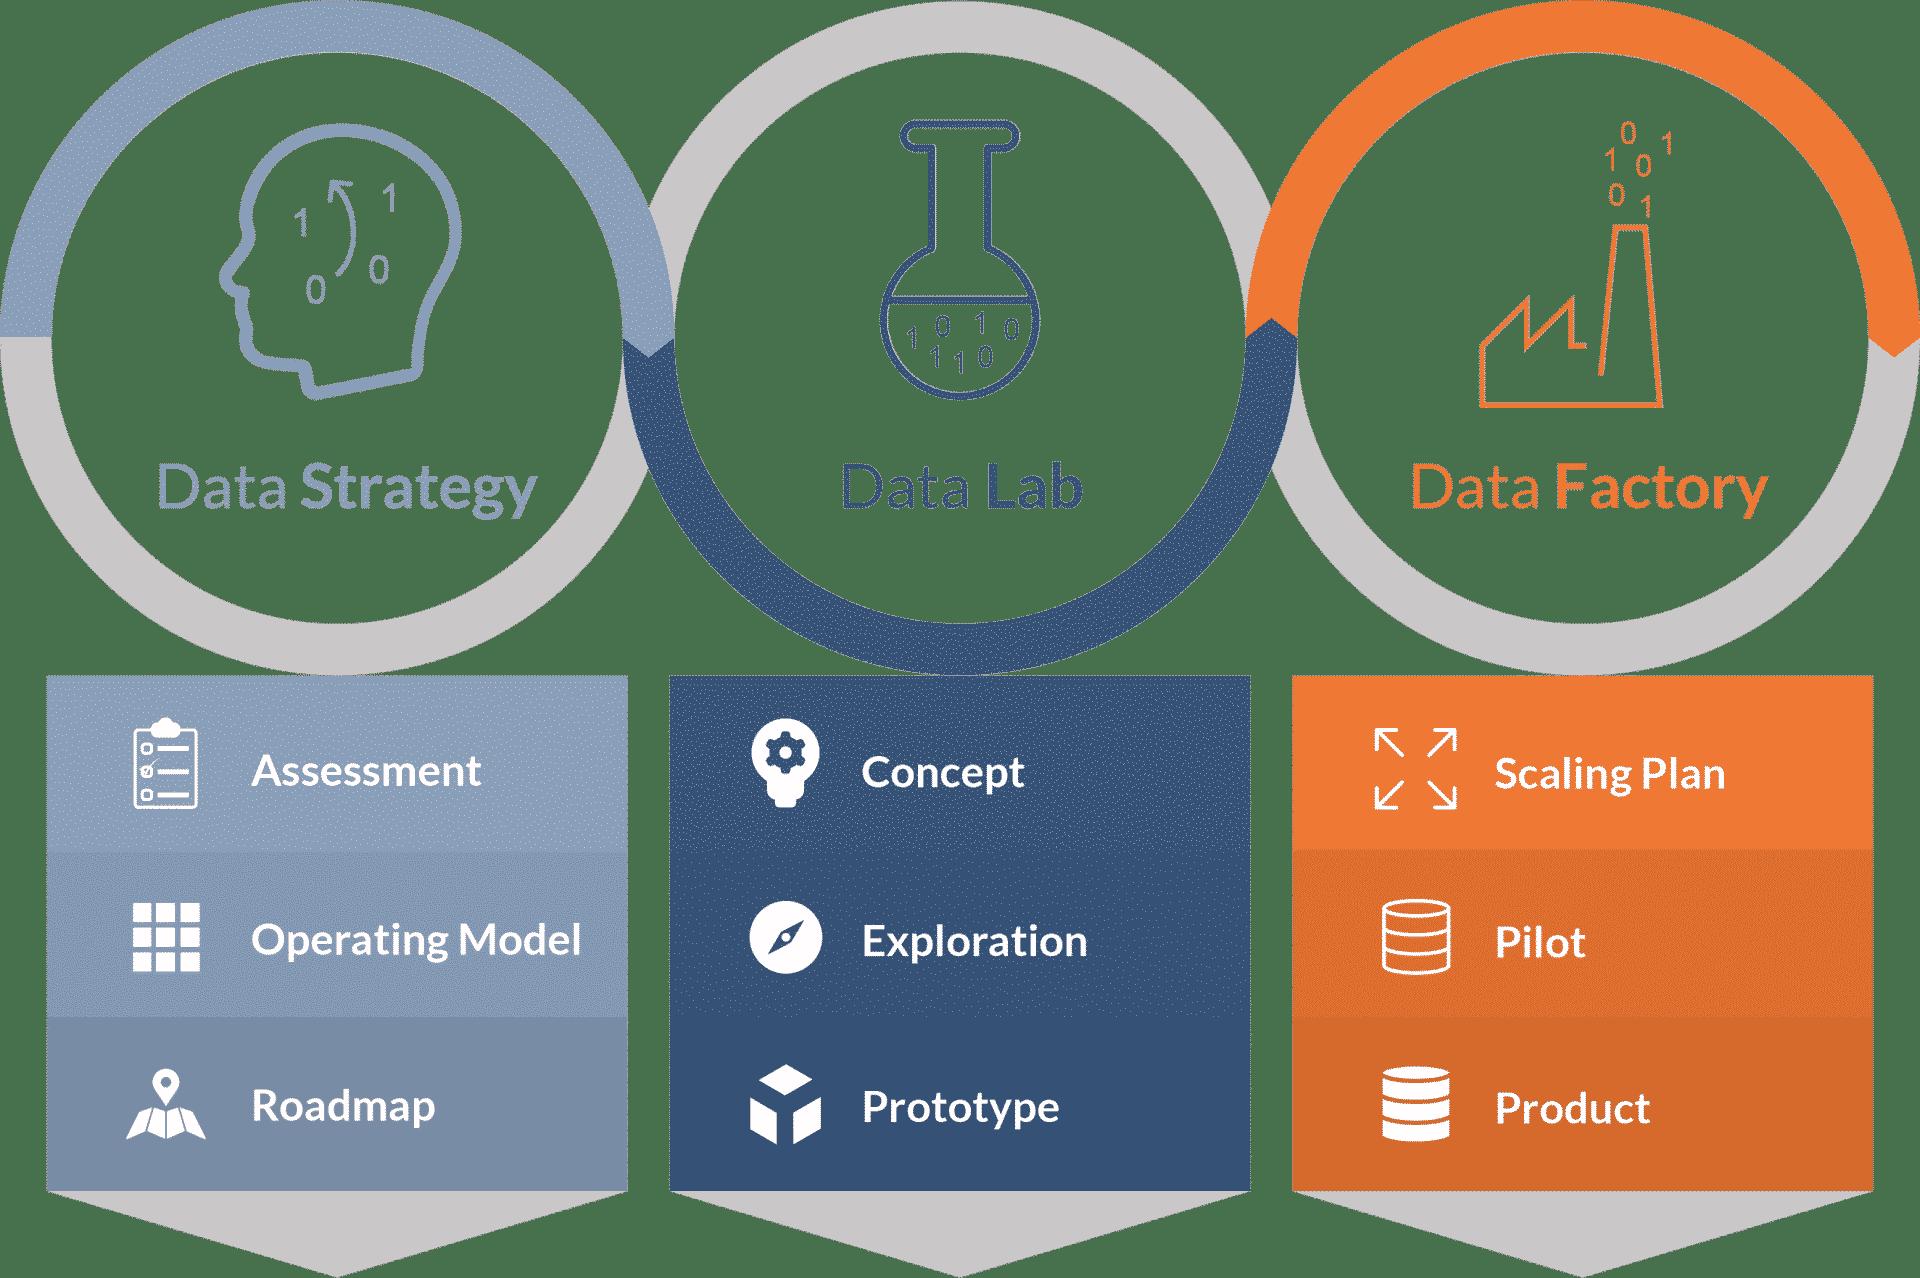 Wettbewerbsvorteile durch das Data Journey Modell sichern